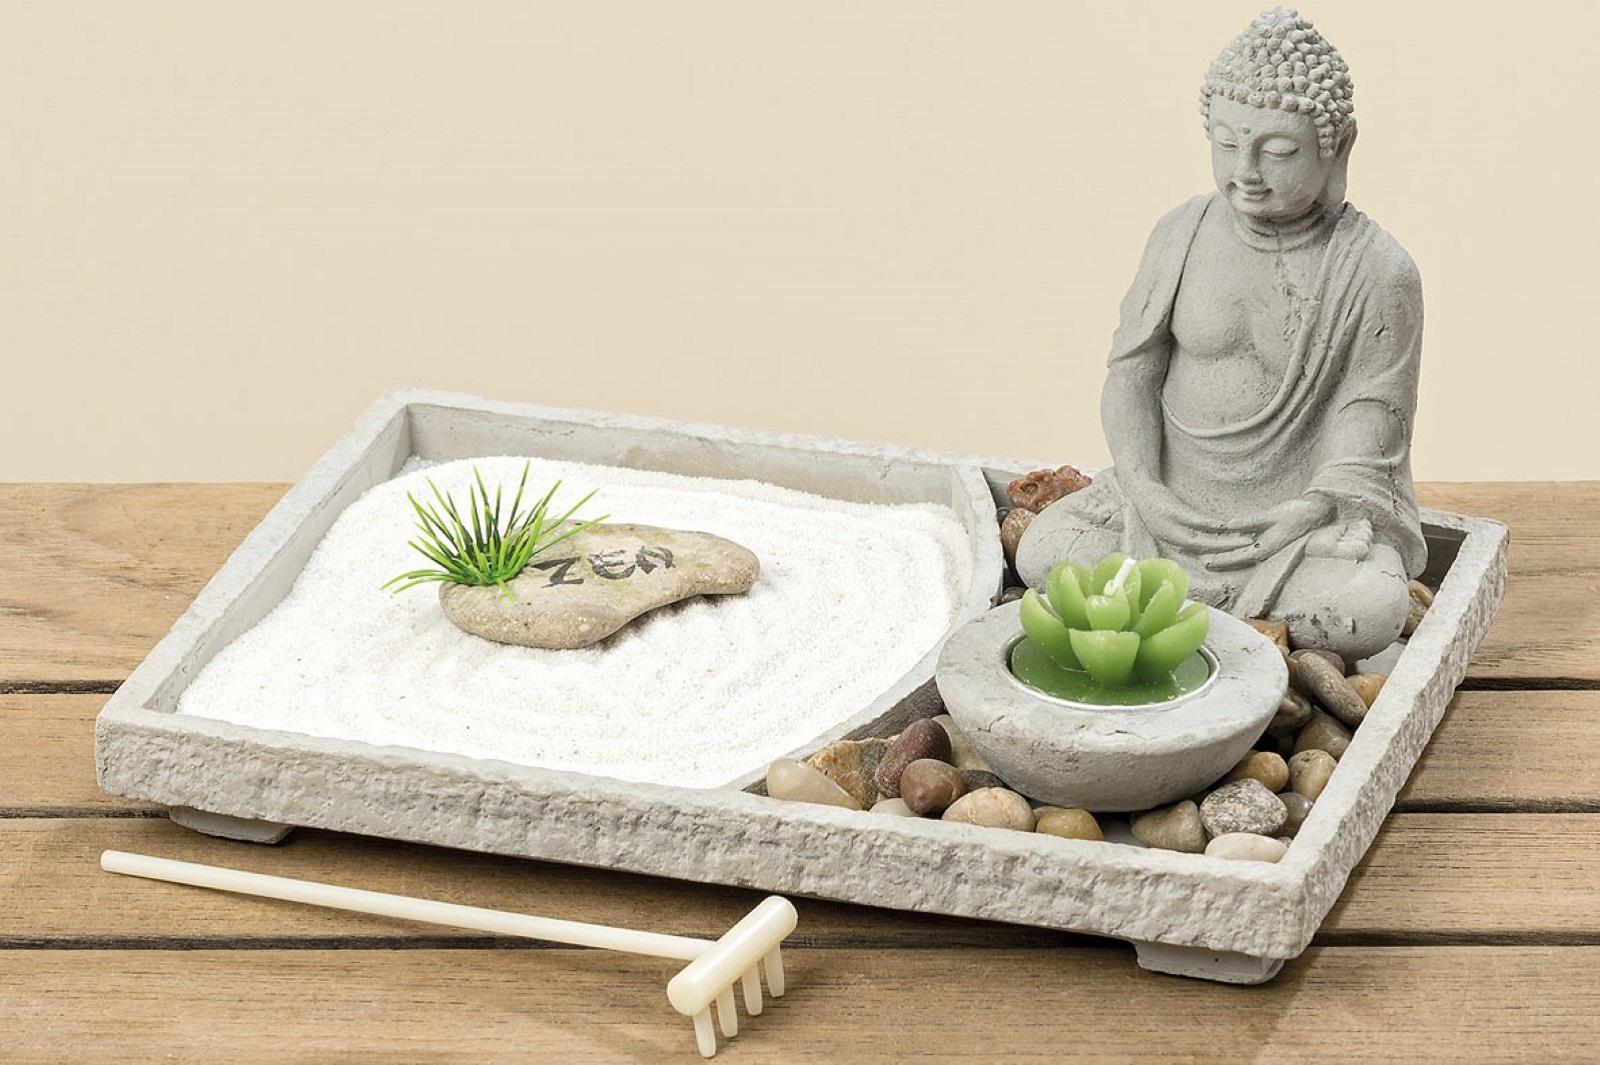 Zen Garten Deko mit Buddha und Kerze